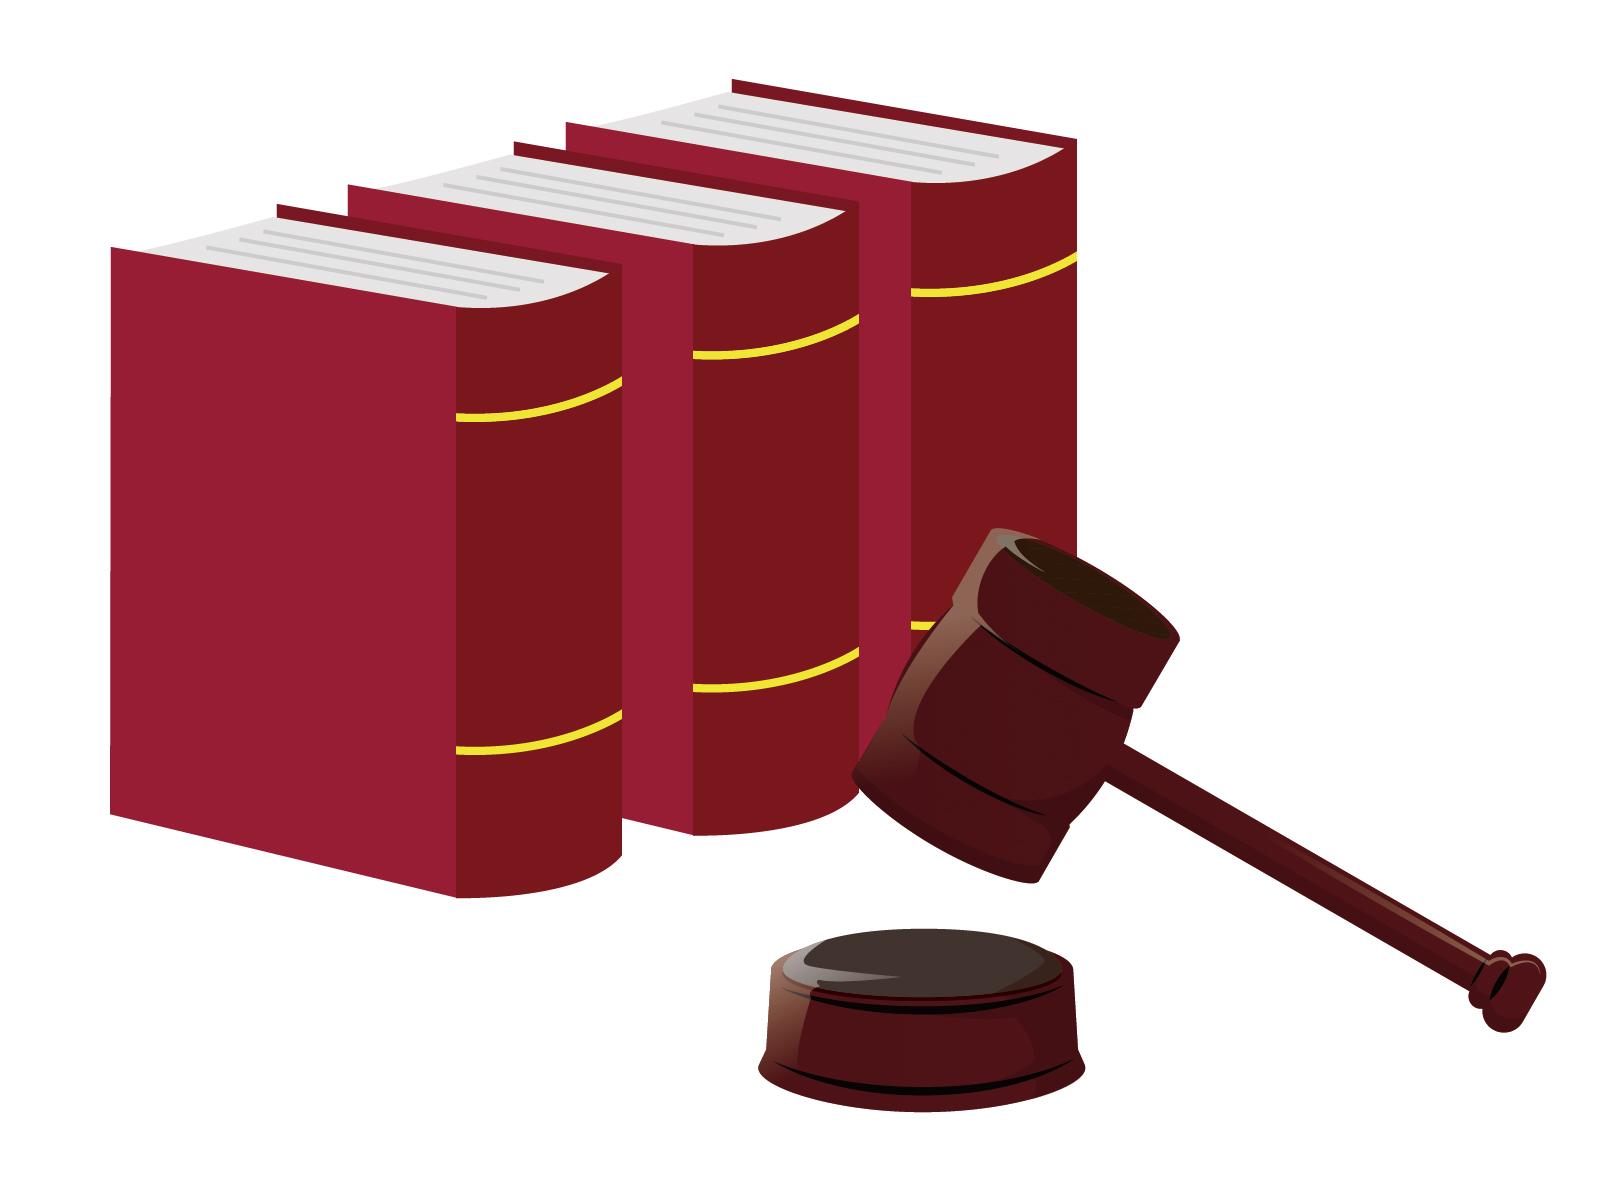 ごみ事情 ごみ屋敷 清掃業者 裁判 訴訟 法律 イラスト